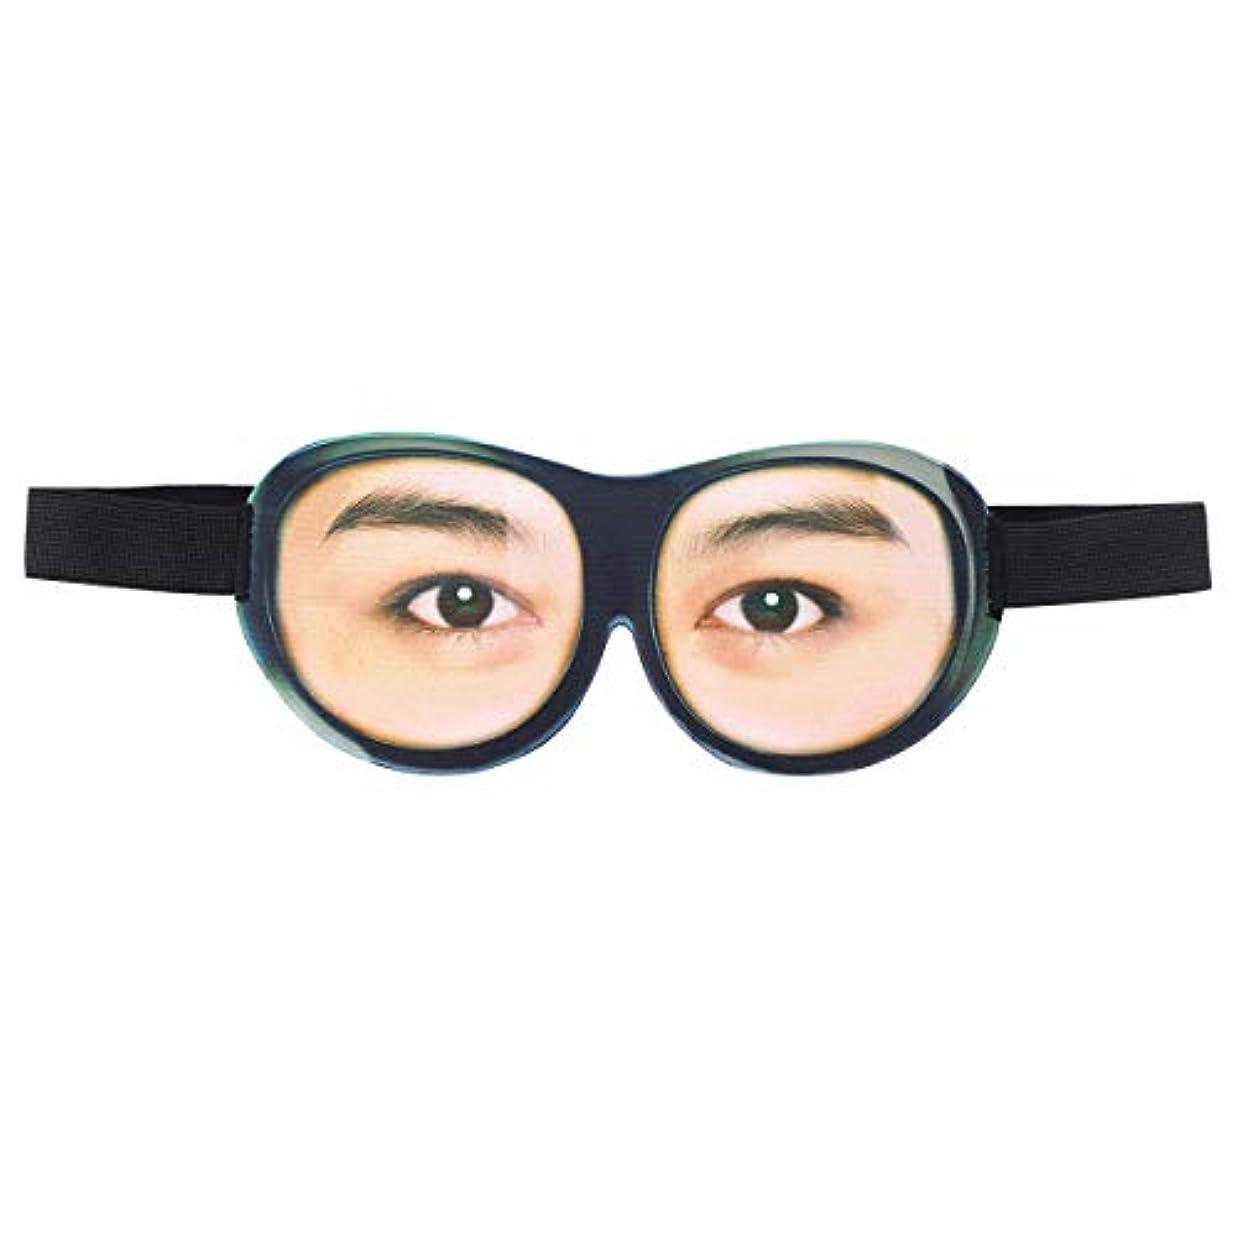 オデュッセウスネズミ社員Healifty 睡眠目隠し3D面白いアイシェード通気性睡眠マスク旅行睡眠ヘルパーアイシェード用男性と女性